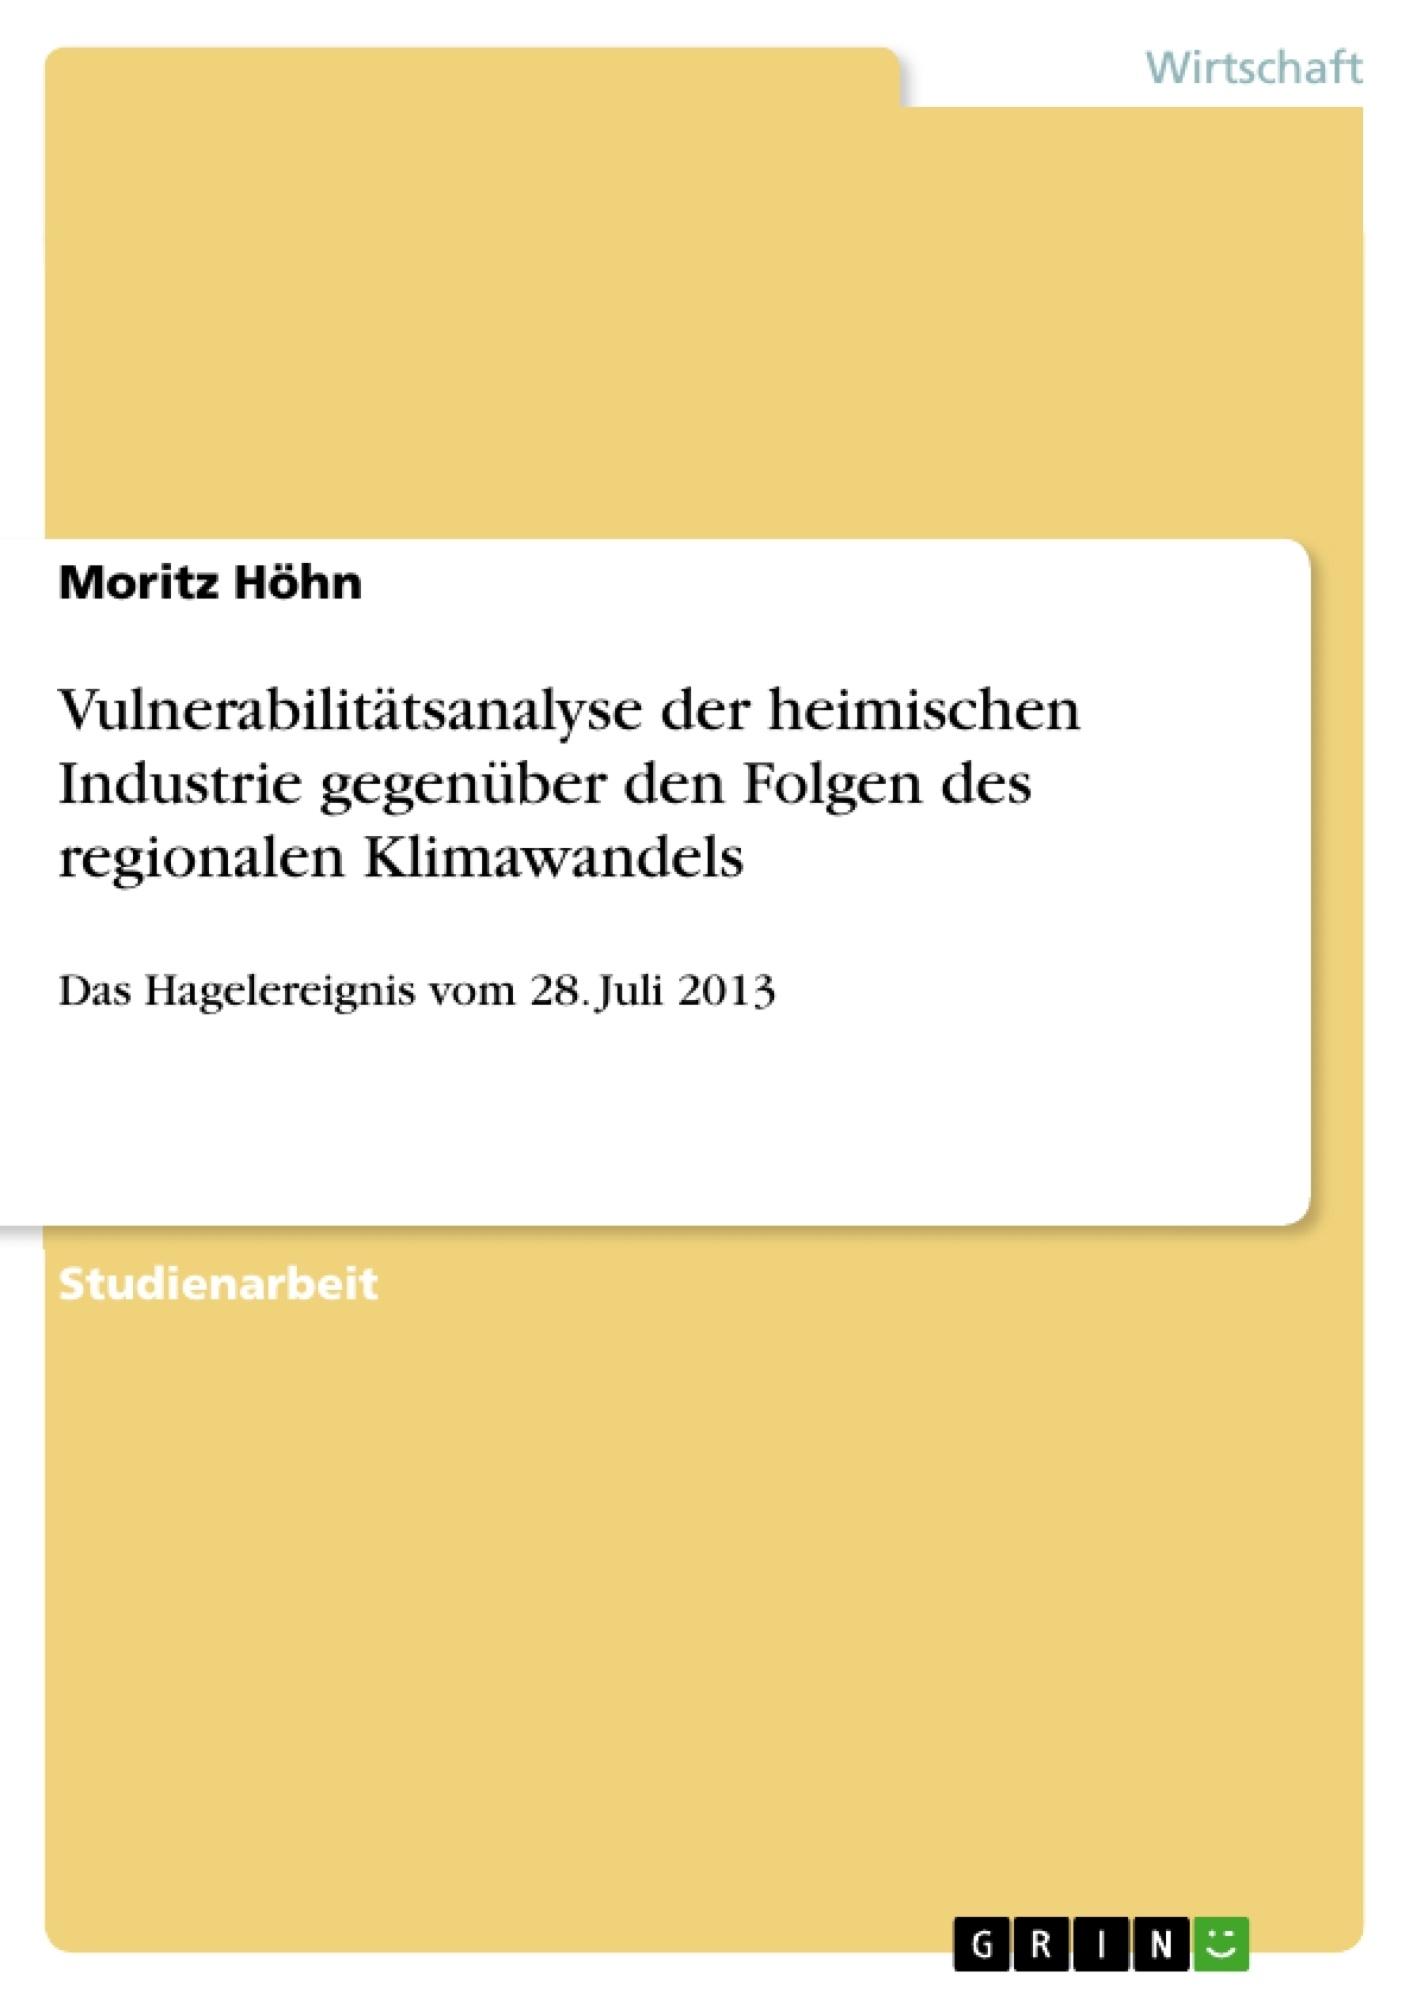 Titel: Vulnerabilitätsanalyse der heimischen Industrie gegenüber den Folgen des regionalen Klimawandels